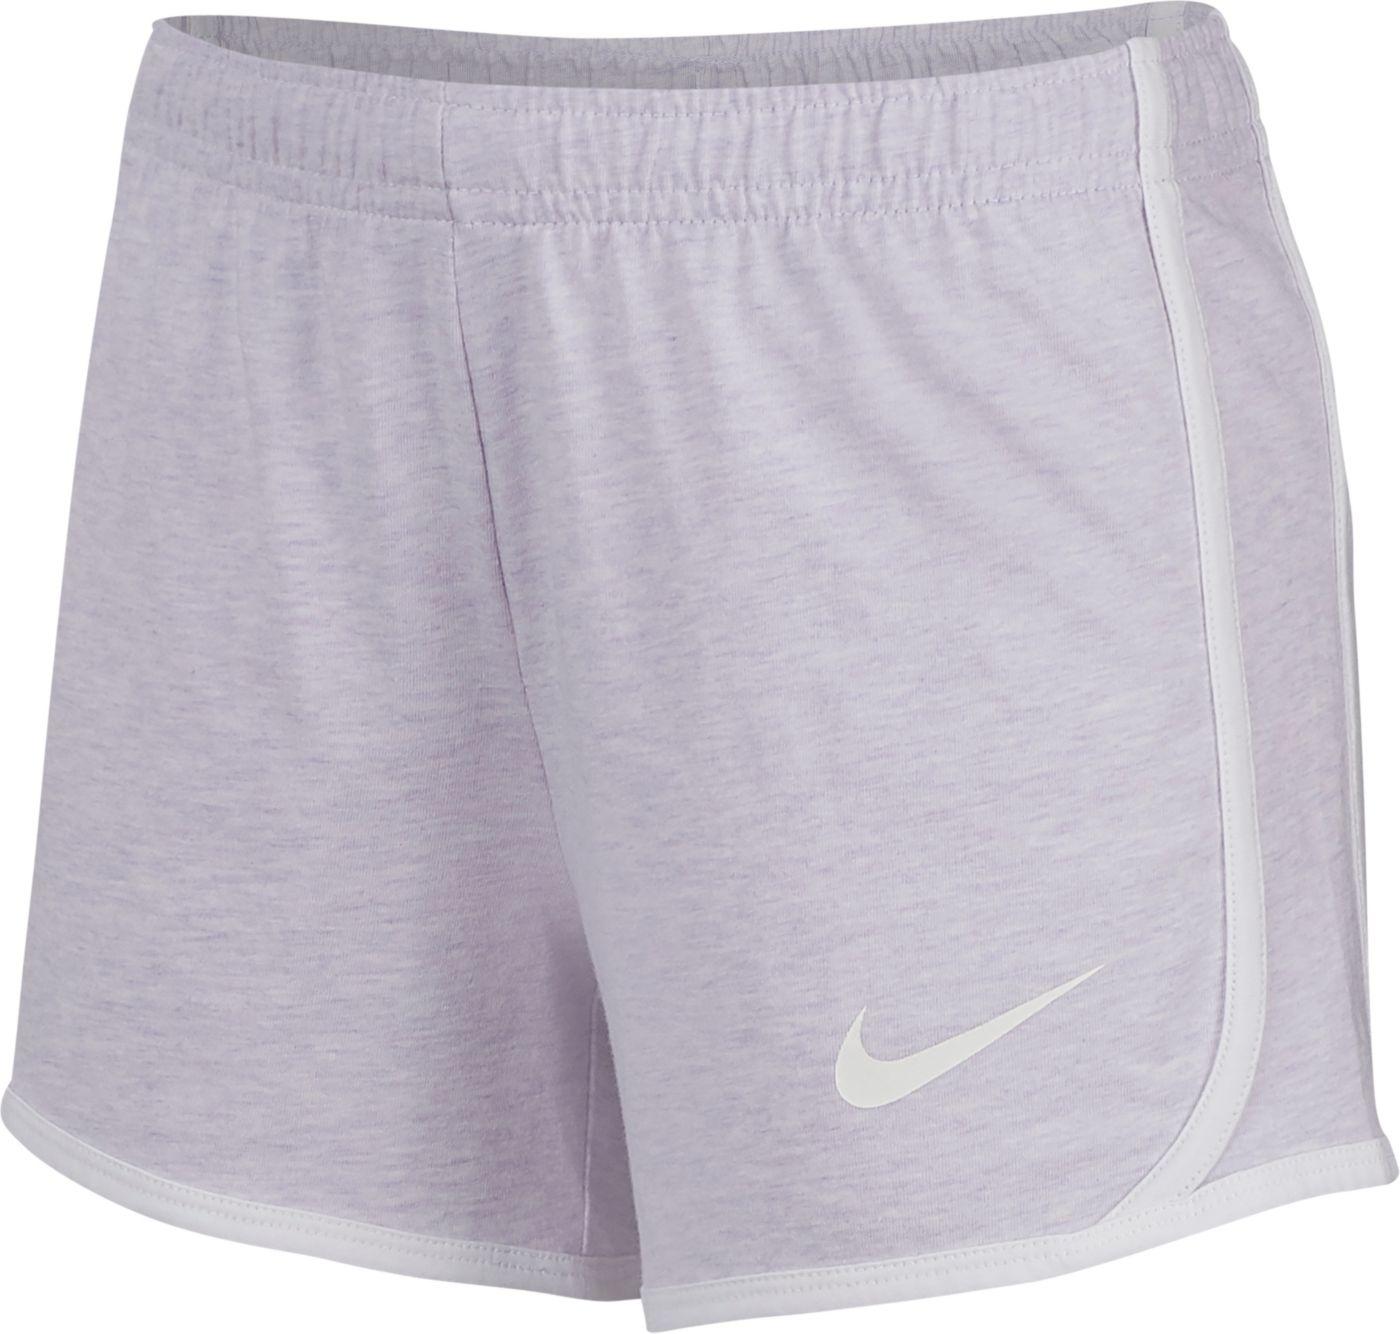 Nike Girls' Sportswear Jersey Shorts